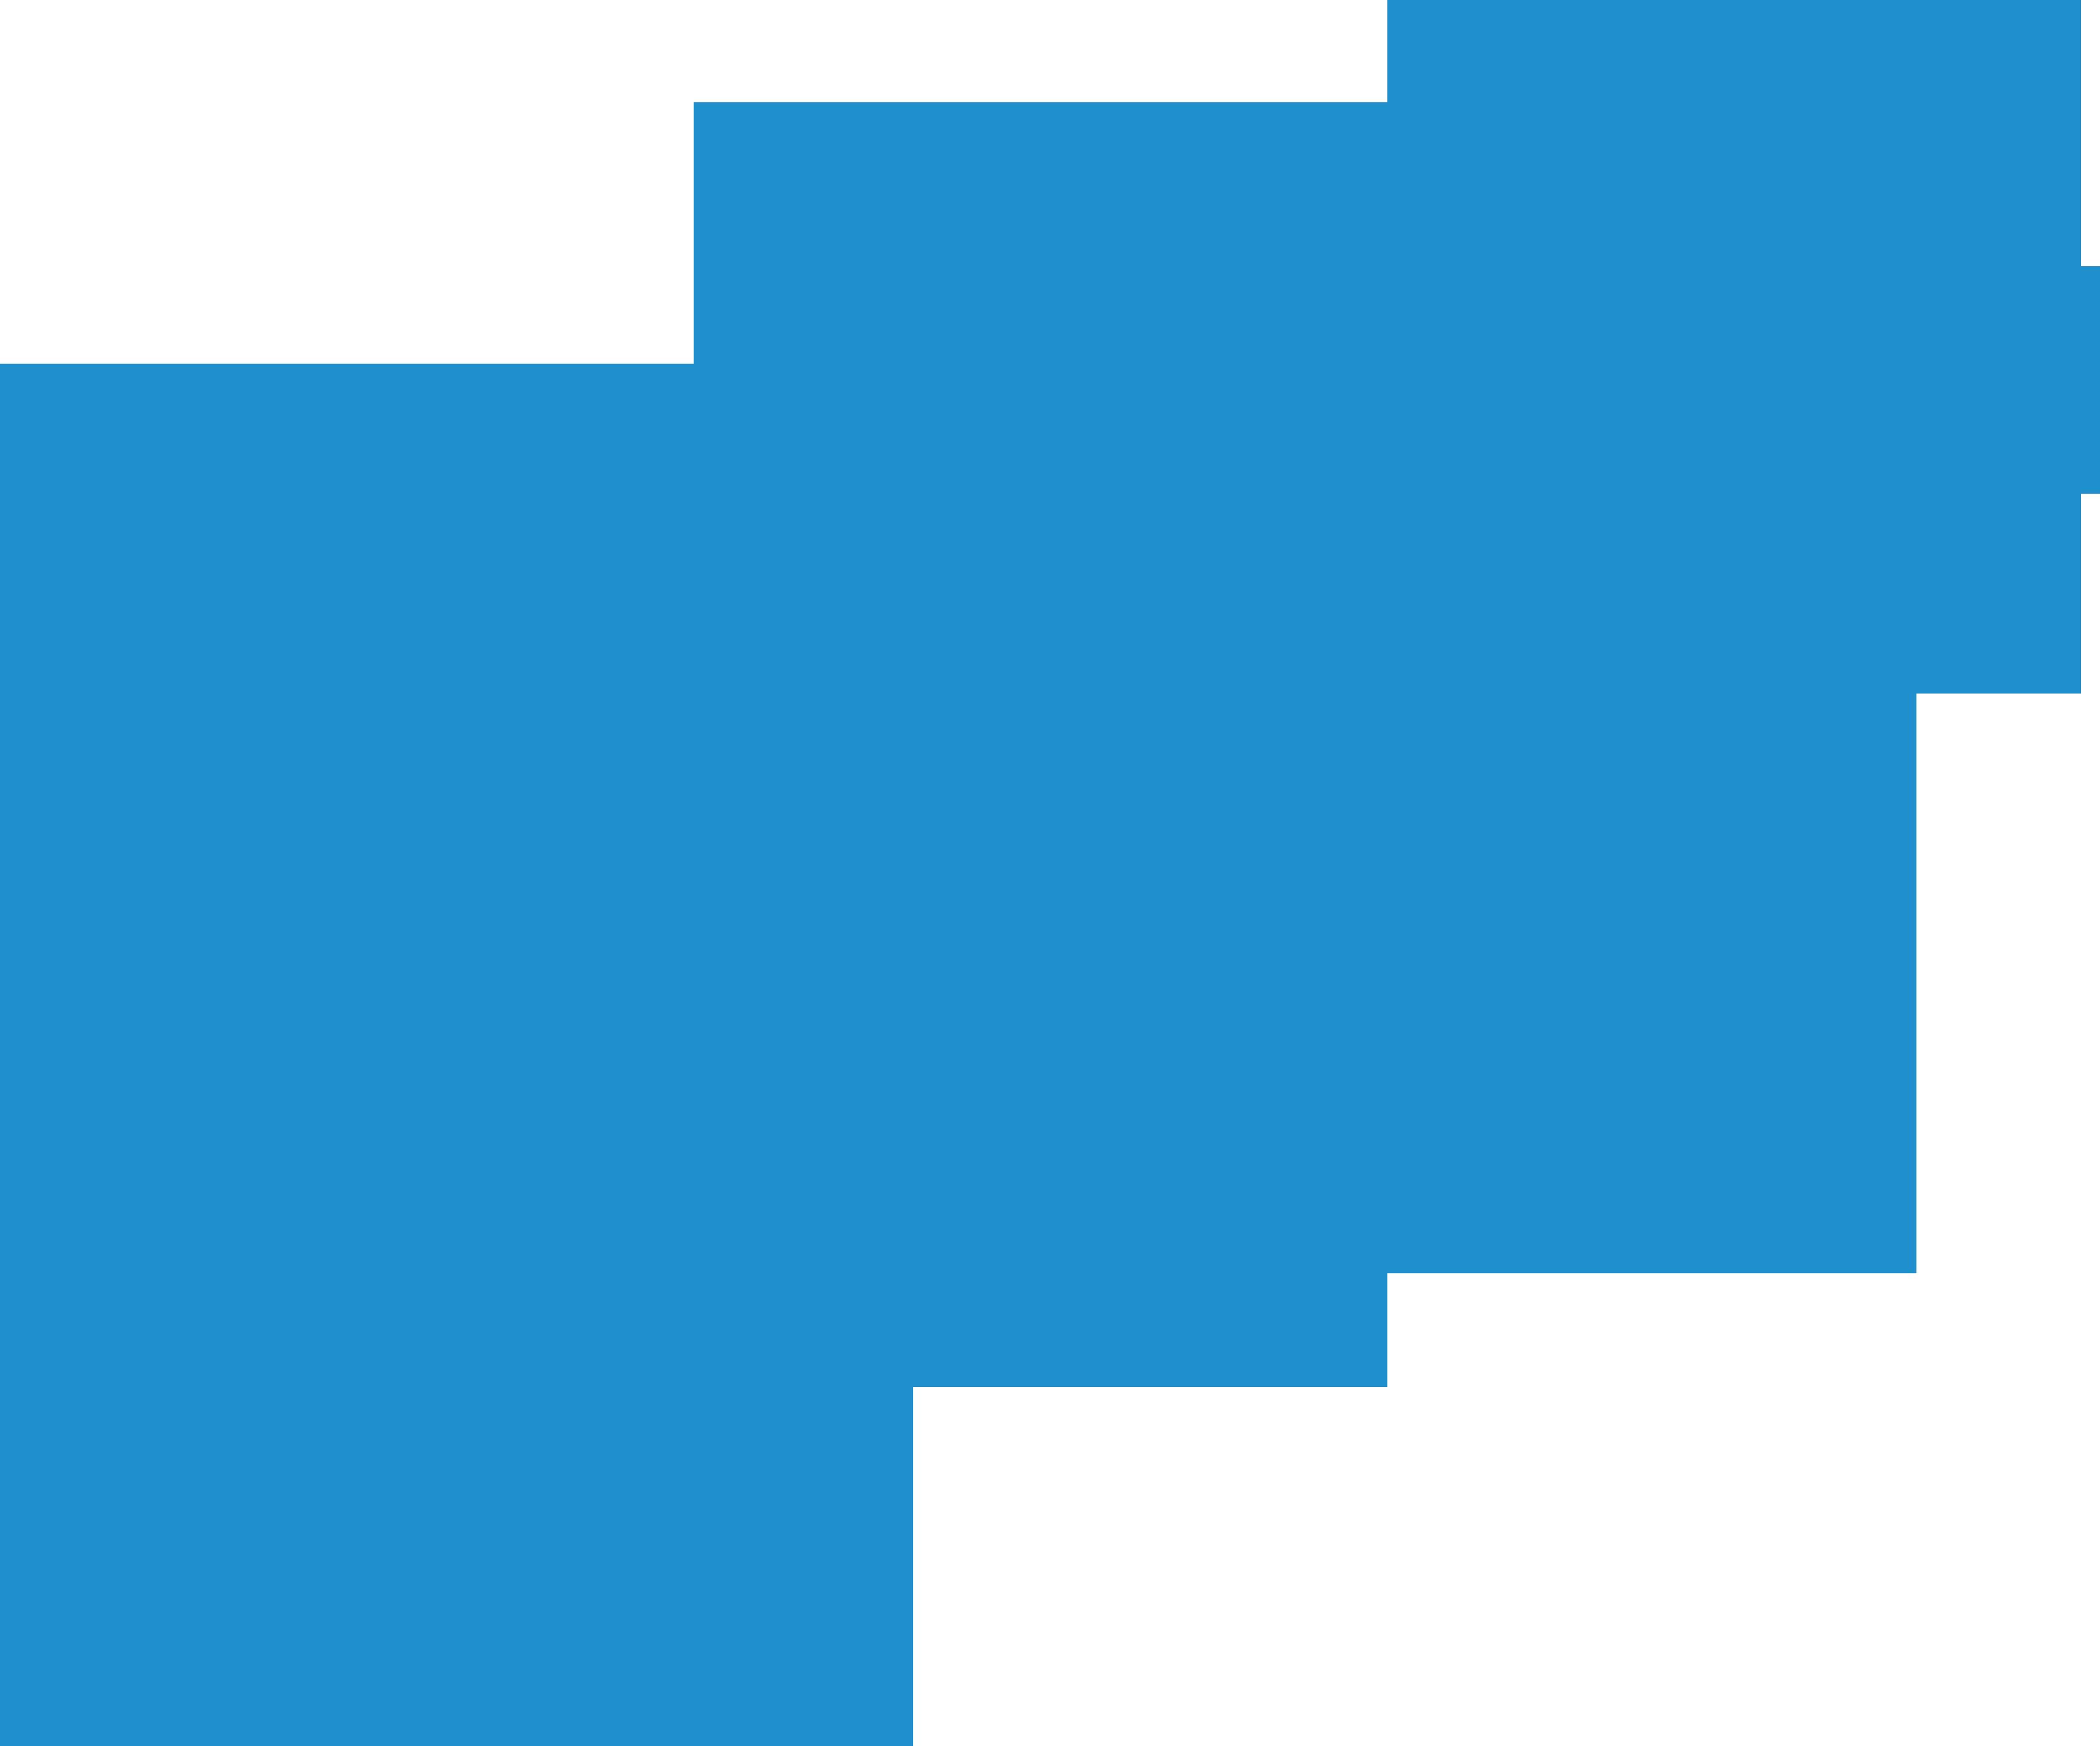 Agencia FlandecocoLab